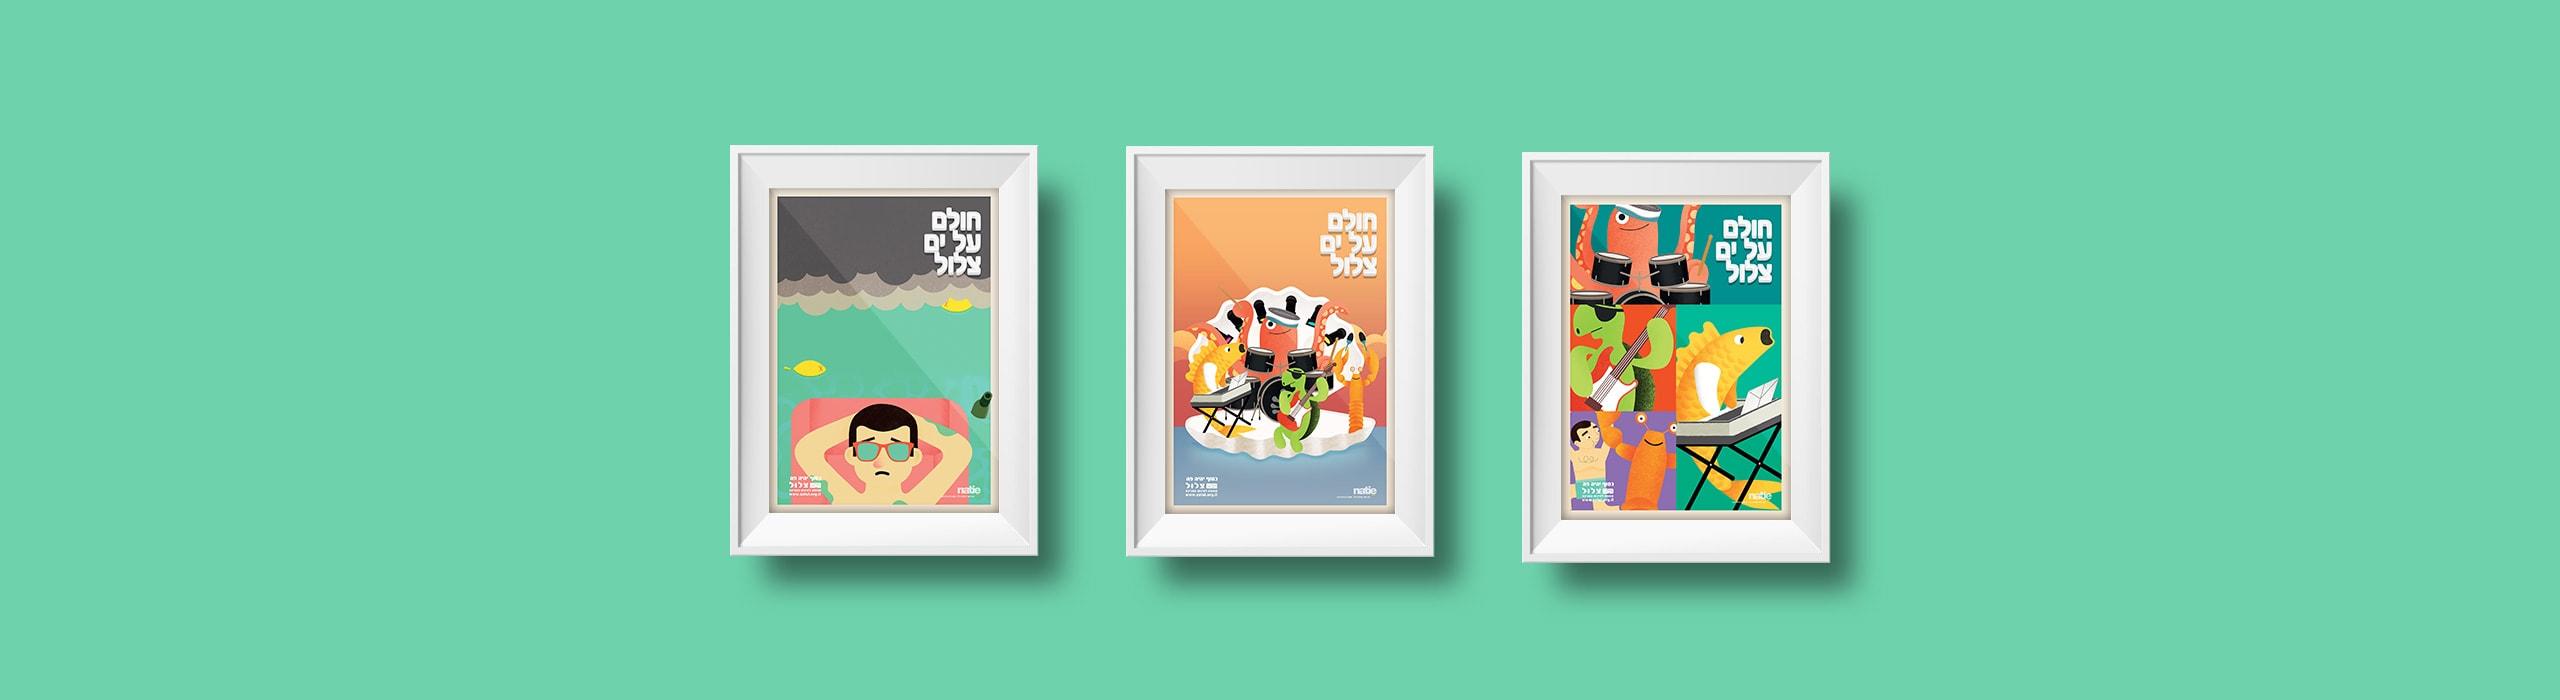 Zalul - natie-zalul-posters - Natie Branding Agency